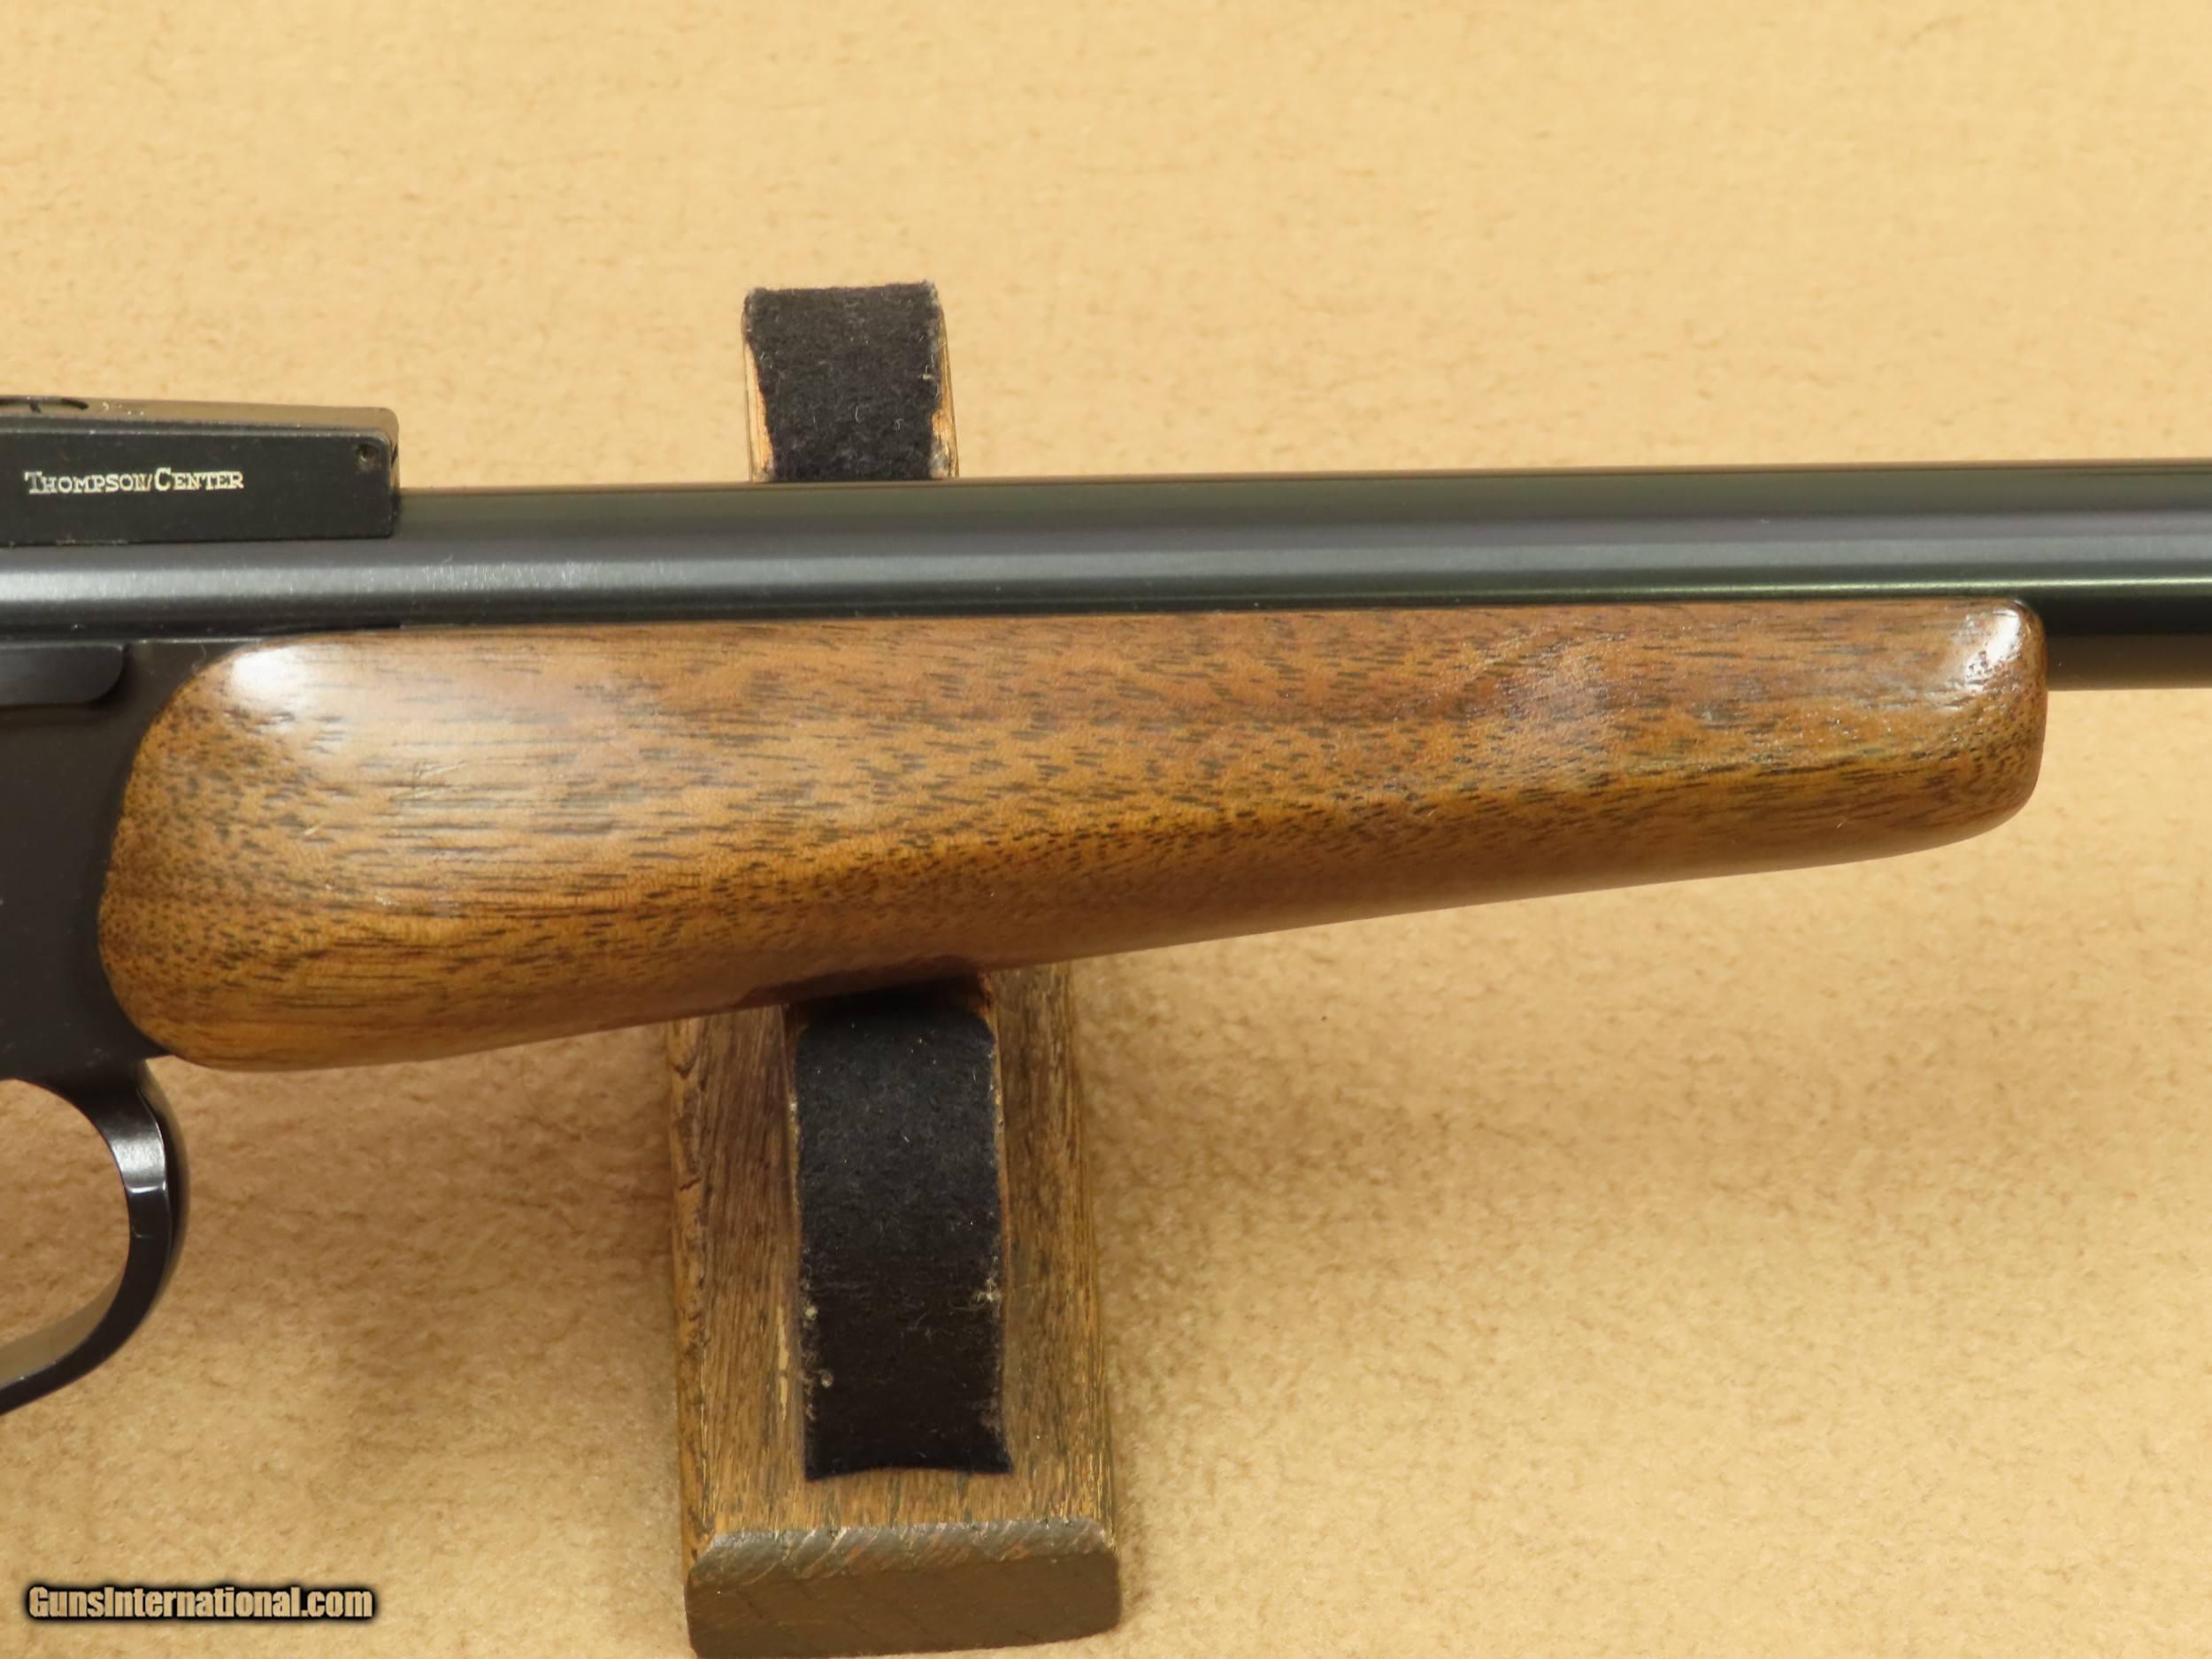 Thompson Center G2 Contender Pistol w/ 14